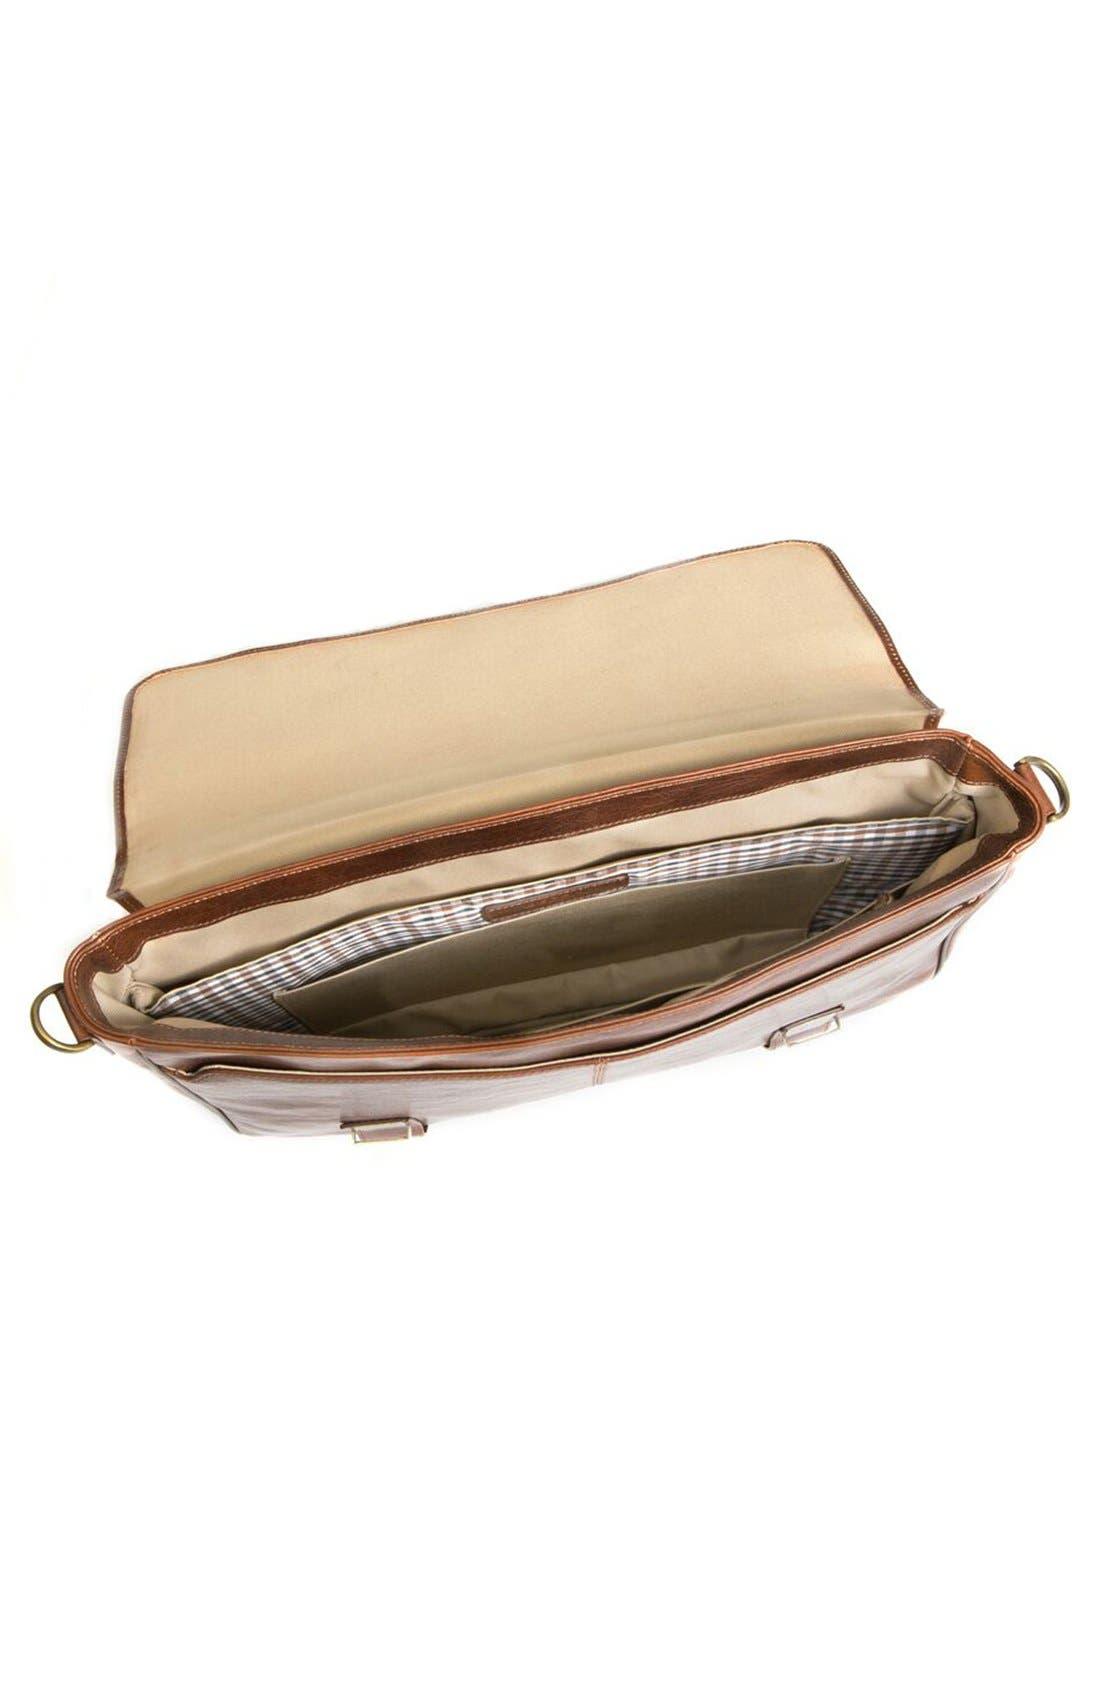 'Becker' Leather Messenger Bag,                             Alternate thumbnail 3, color,                             Whiskey W/ Khaki